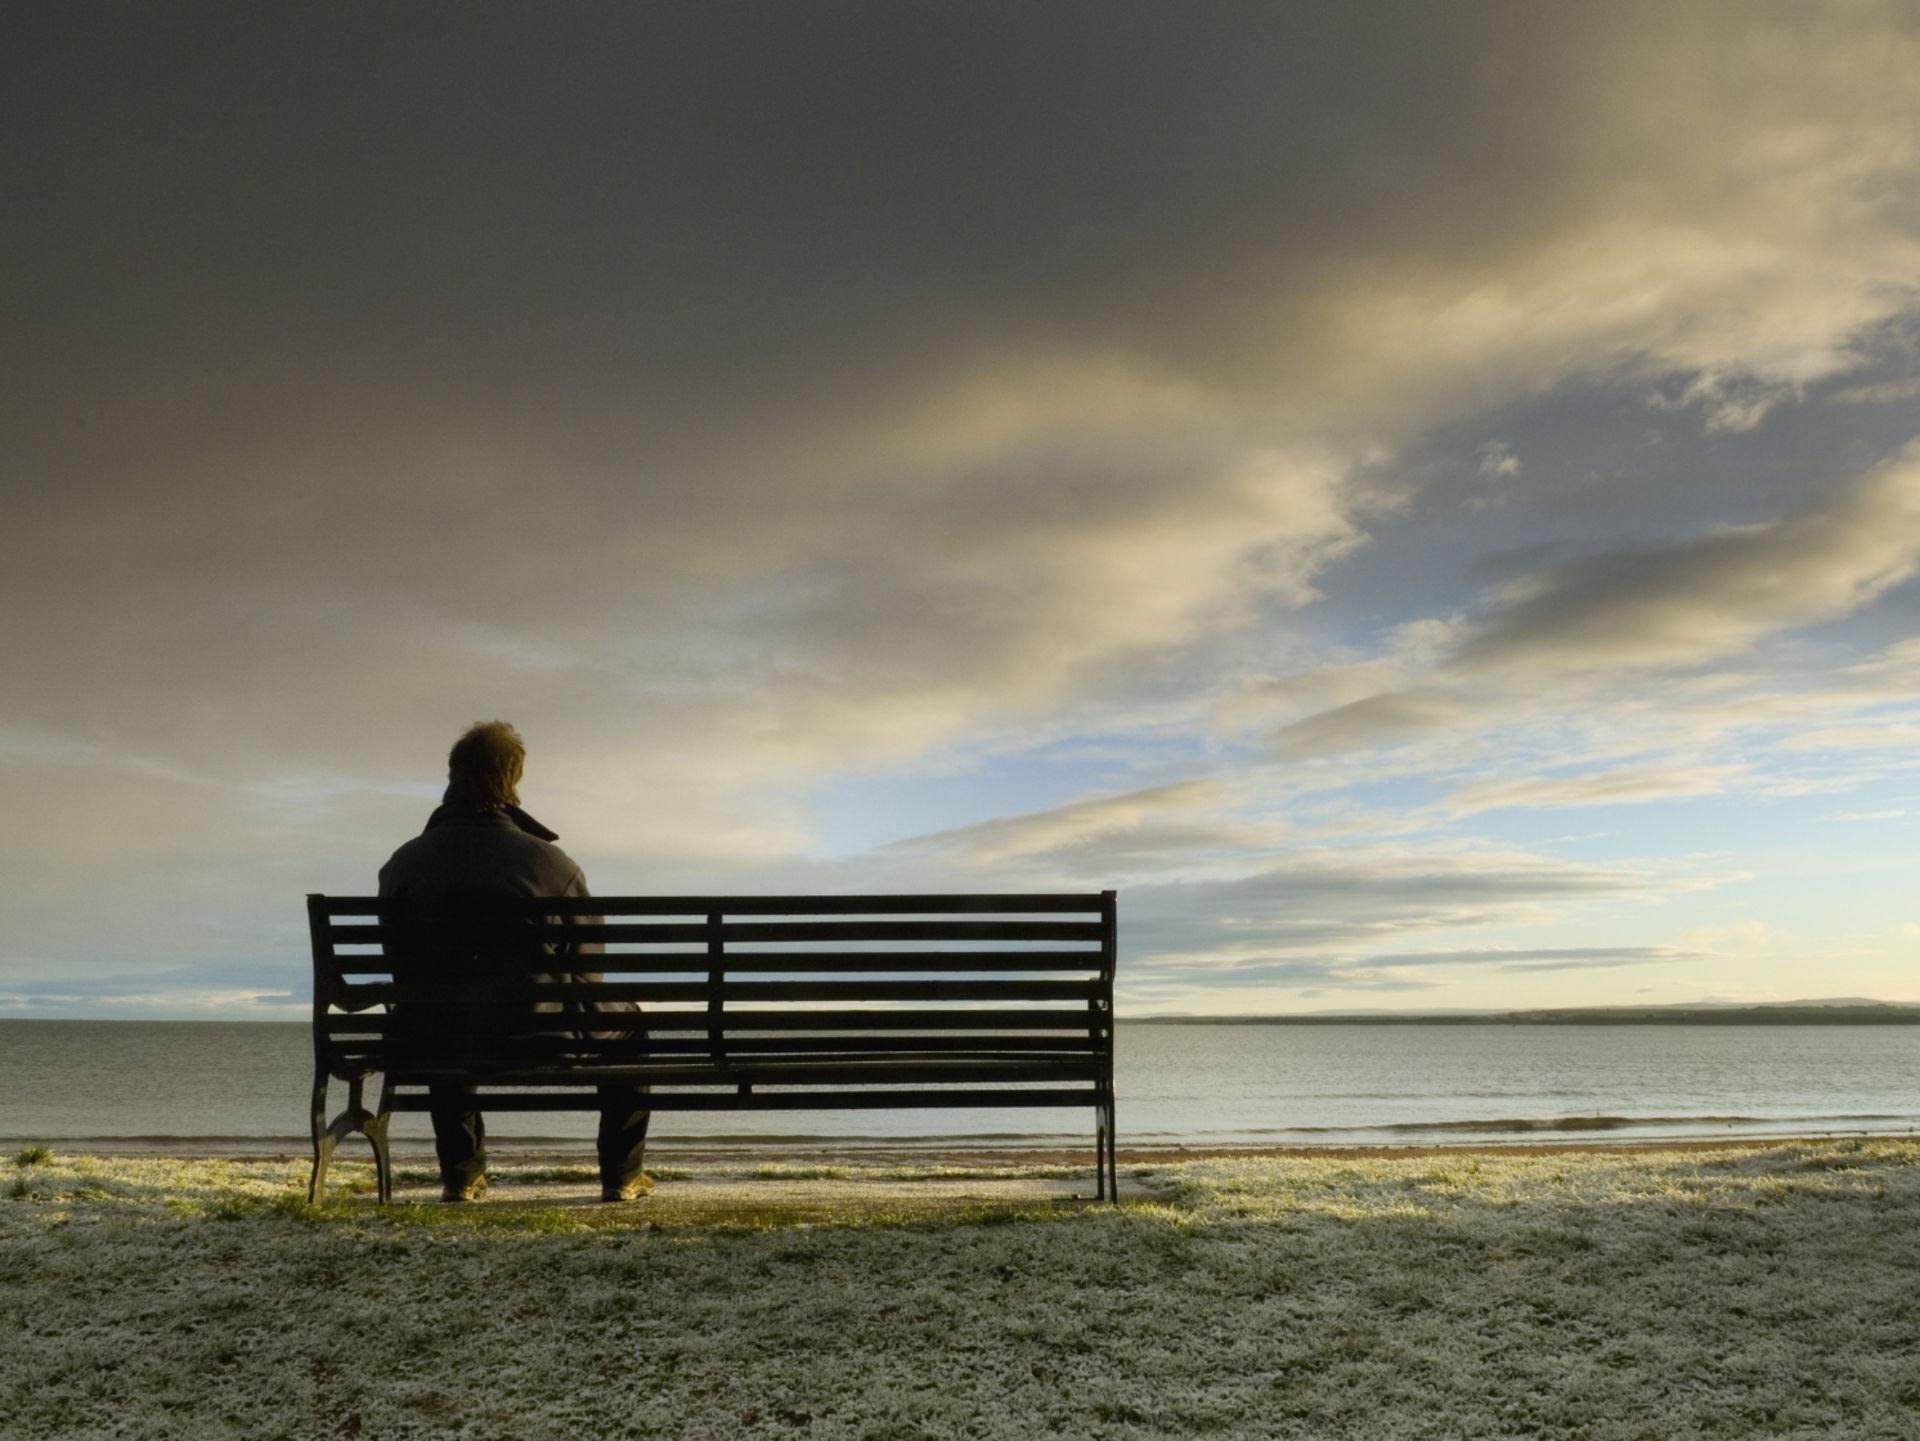 چرا سالمندان باید خاطرات خود را ثبت کنند؟